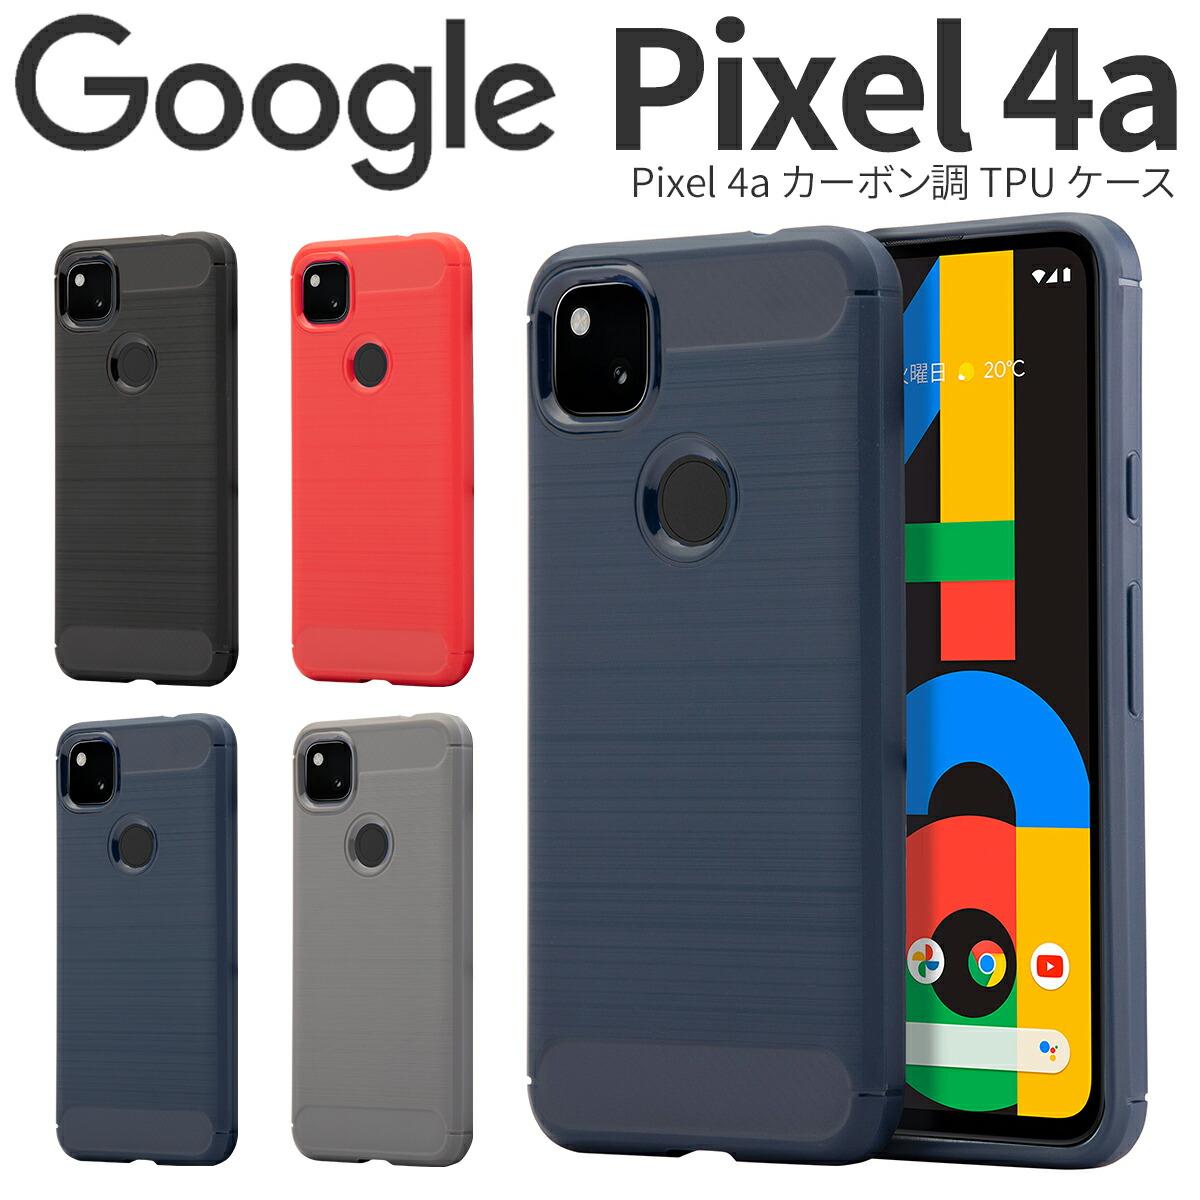 メール便送料無料 Google Pixel 4a カーボン調TPUケース スマホケース 韓国 全国一律送料無料 スマホ ケース カバー シンプル ピクセル 丈夫 耐衝撃 グーグル スタイリッシュ スマホカバー かっこい 耐久 本物